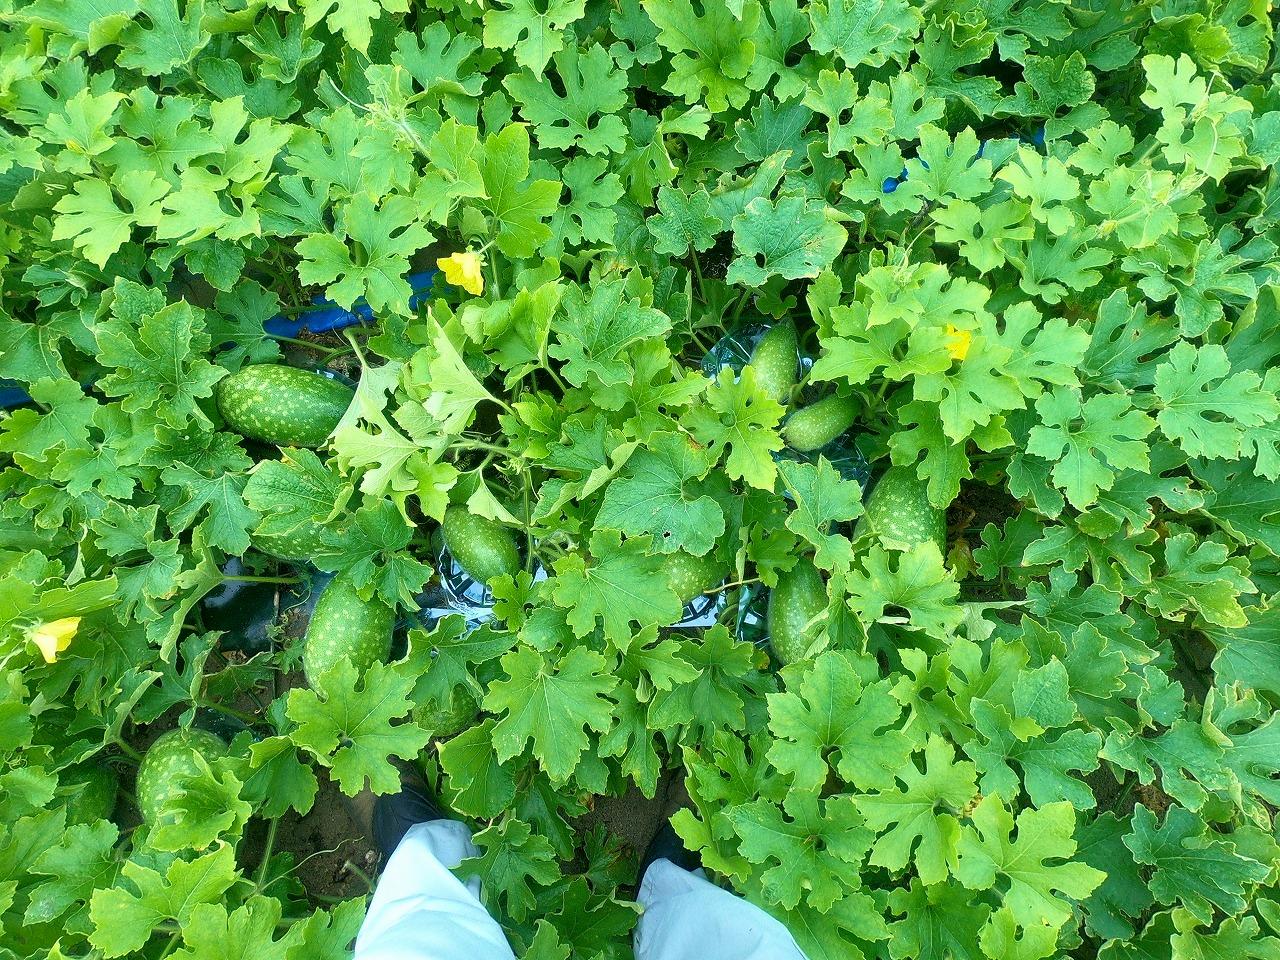 冬瓜が畑にたくさんなっている